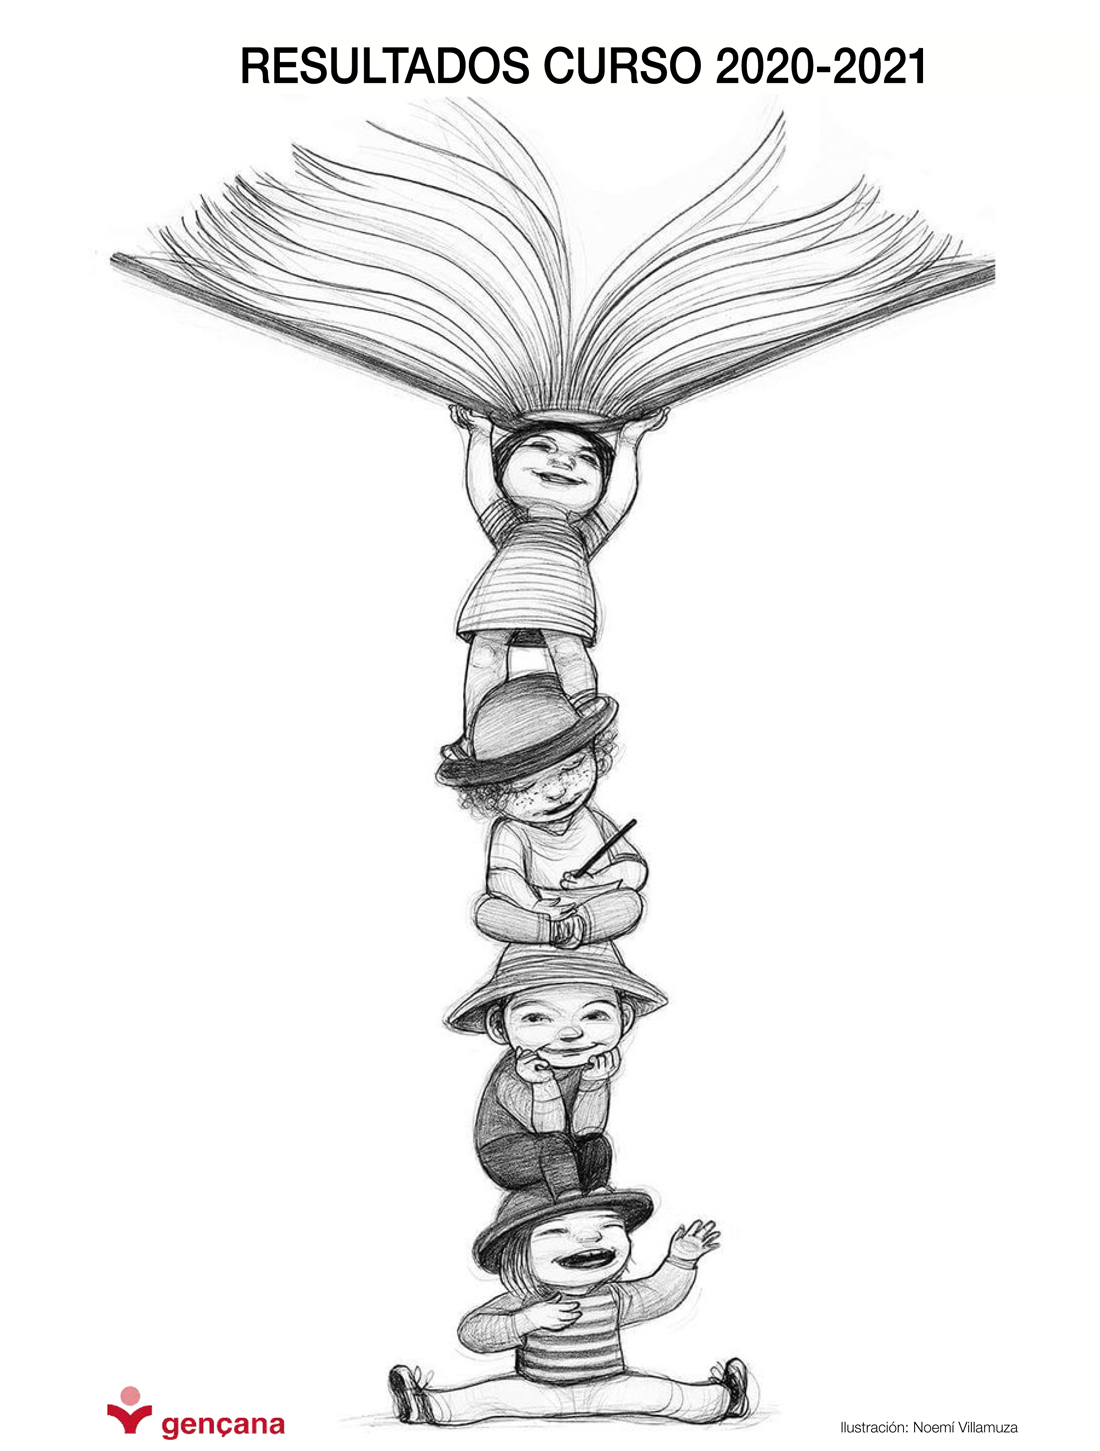 ilustración de noemí villamuza. portada resultados final de curso 2020-2021 gençana